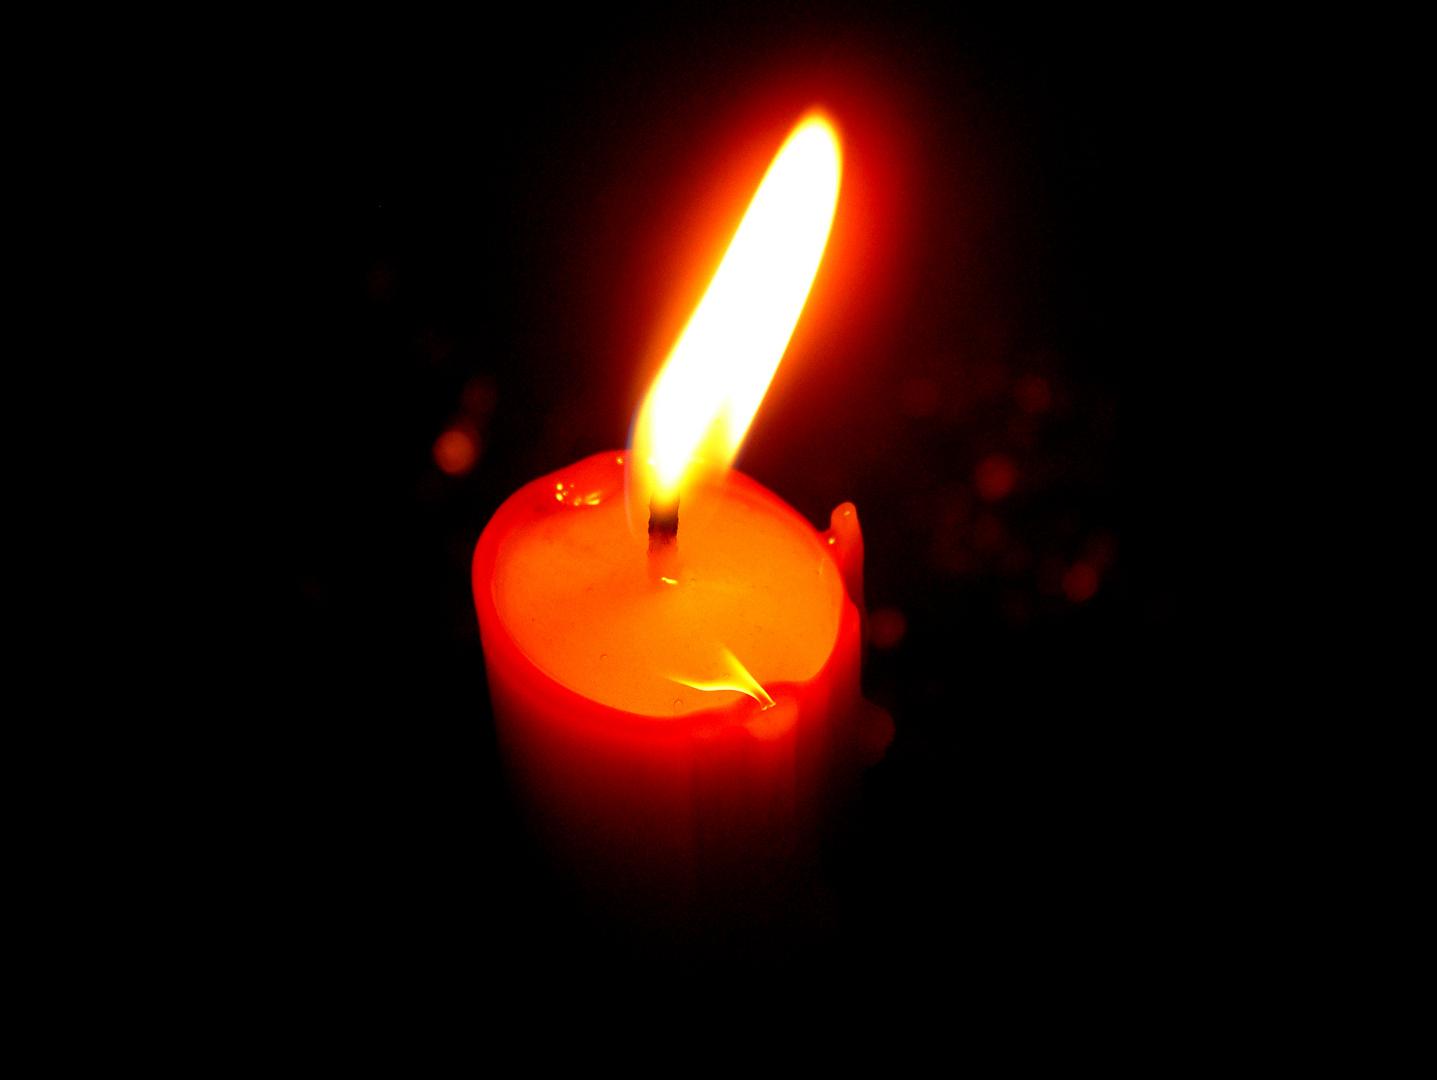 A la luz de la vela